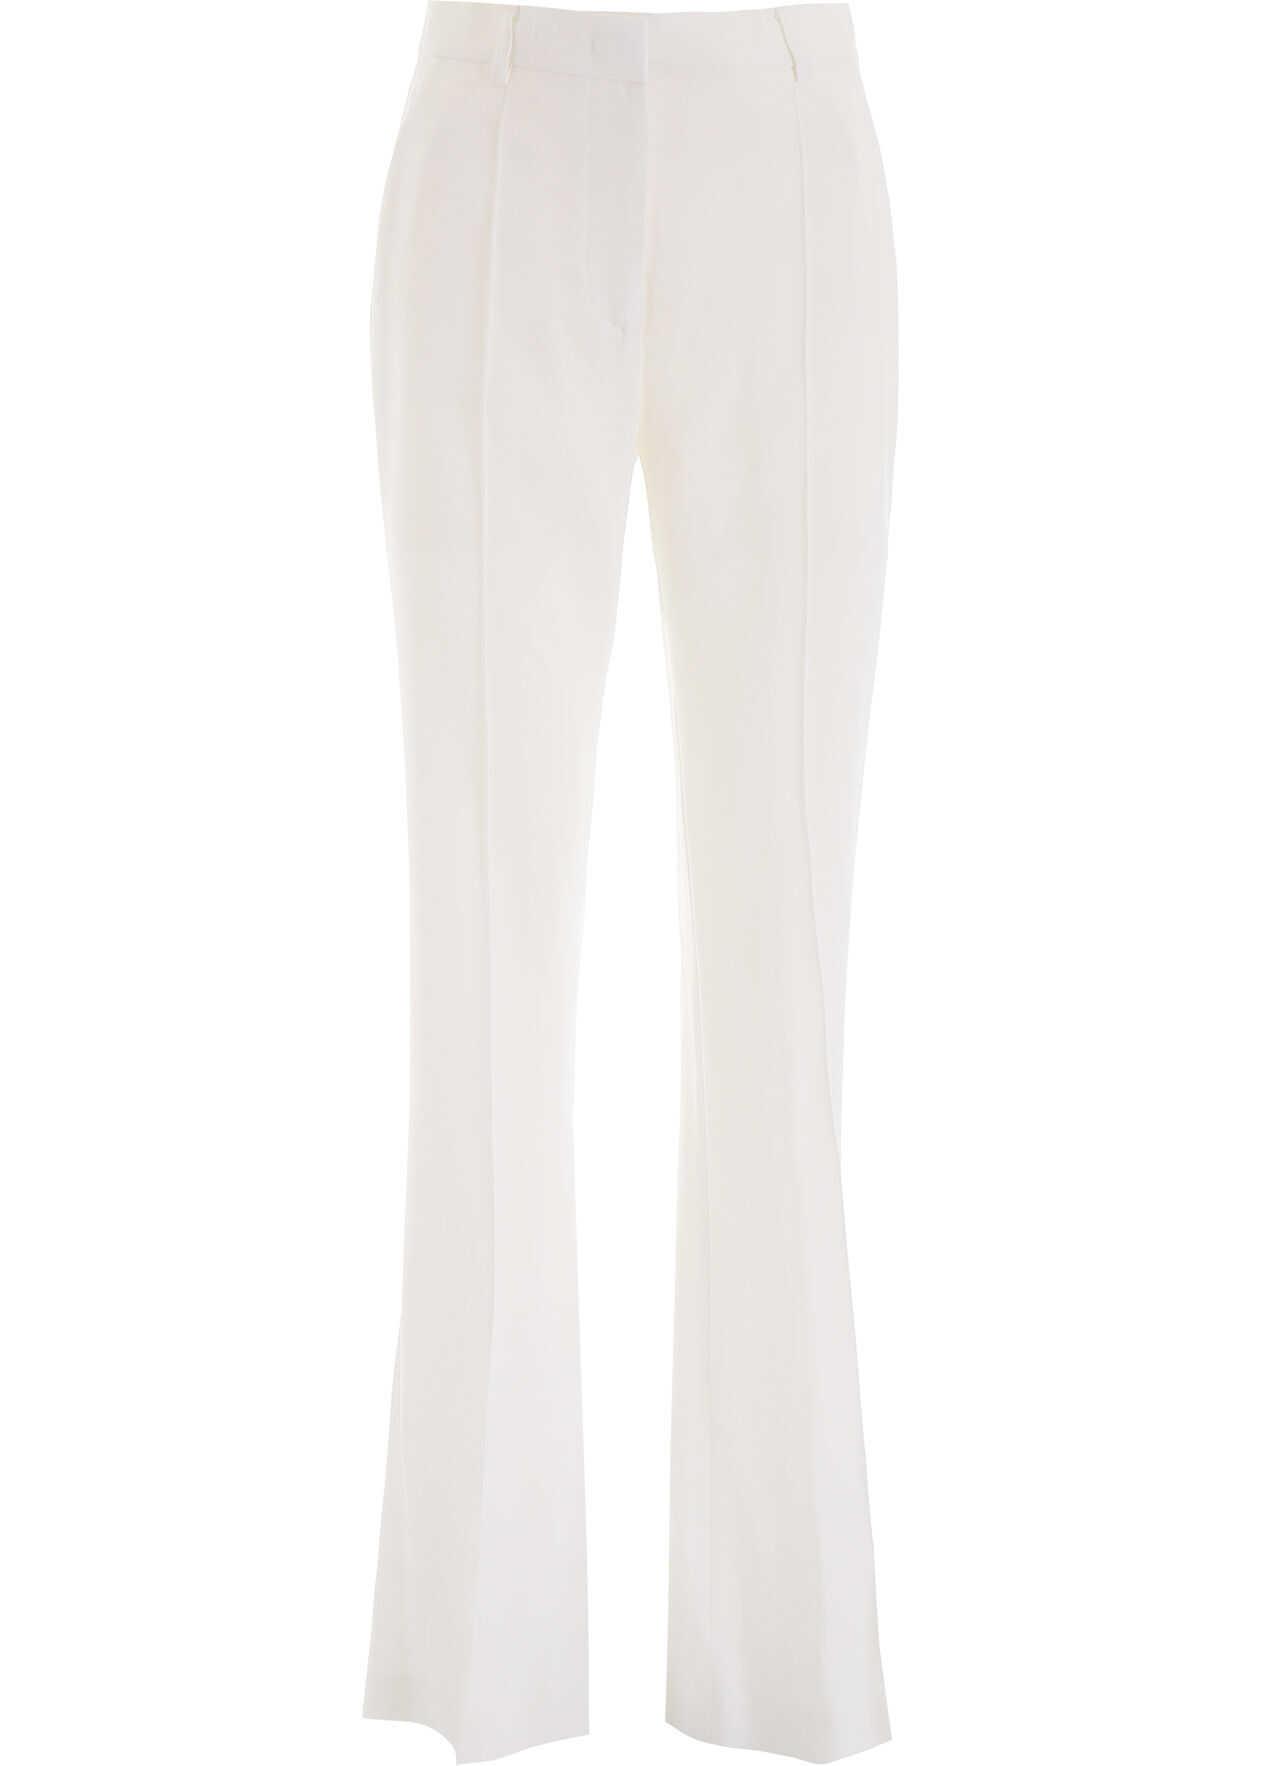 Alberta Ferretti Flare Trousers WHITE